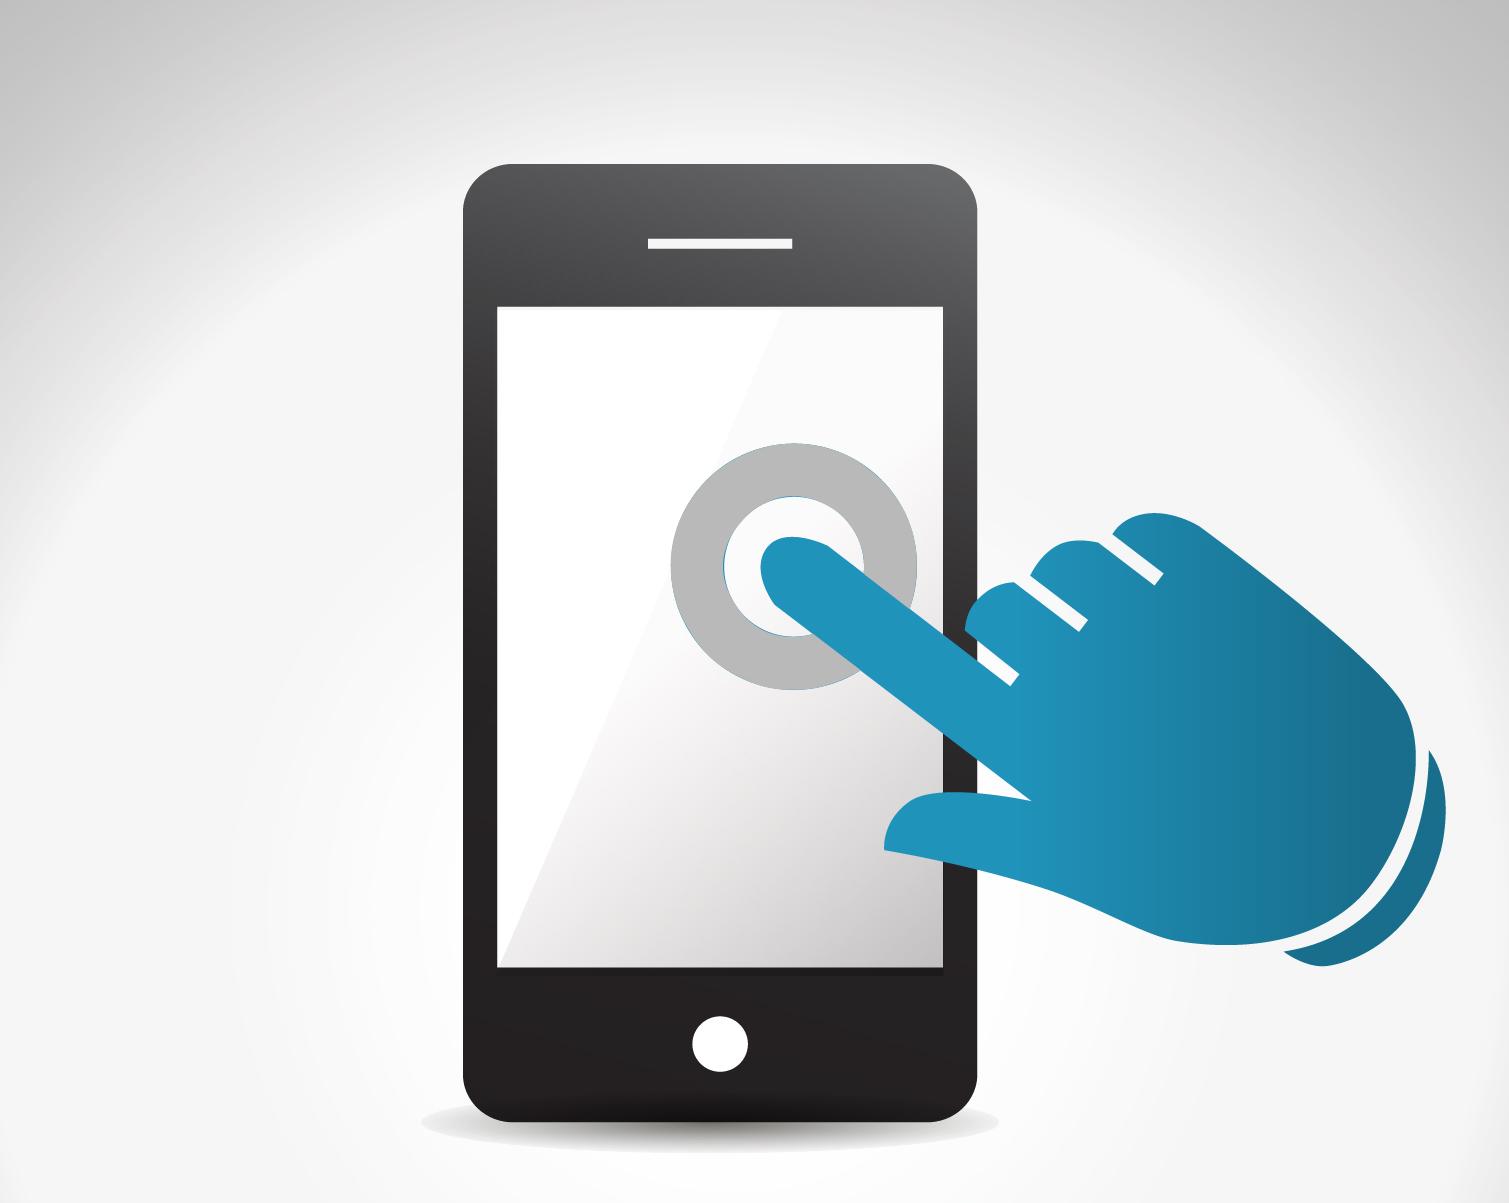 Le langage sms, un jeu créatif ou régressif ?